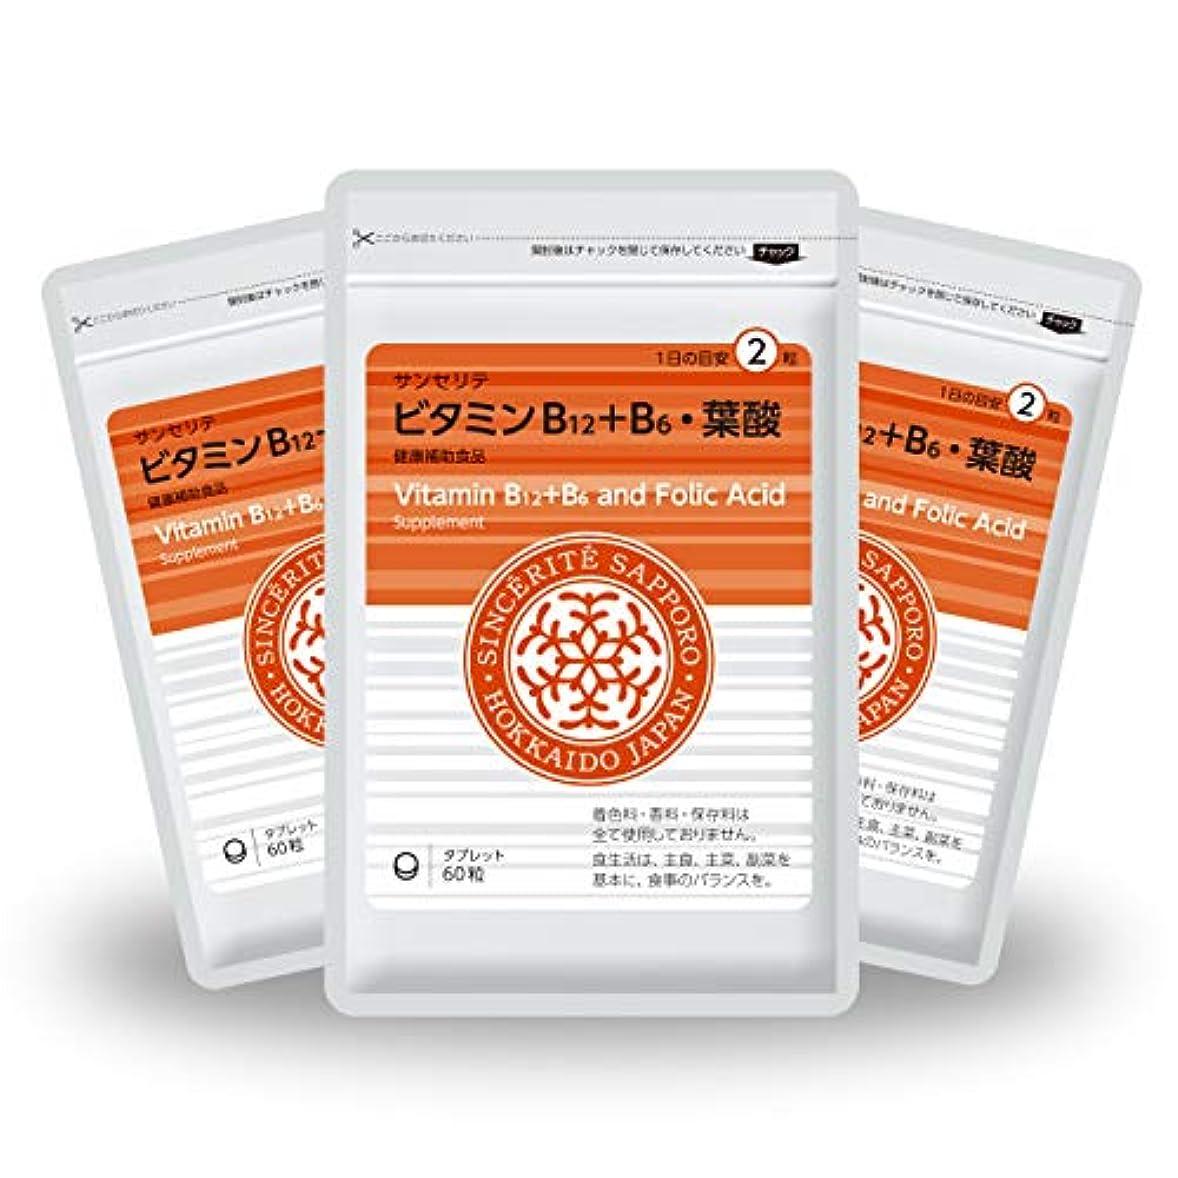 カイウス誤解させる夕食を食べるビタミンB12+B6?葉酸 3袋セット[送料無料][ビタミンB12]たっぷり1000μg配合 [国内製造]お得な90日分